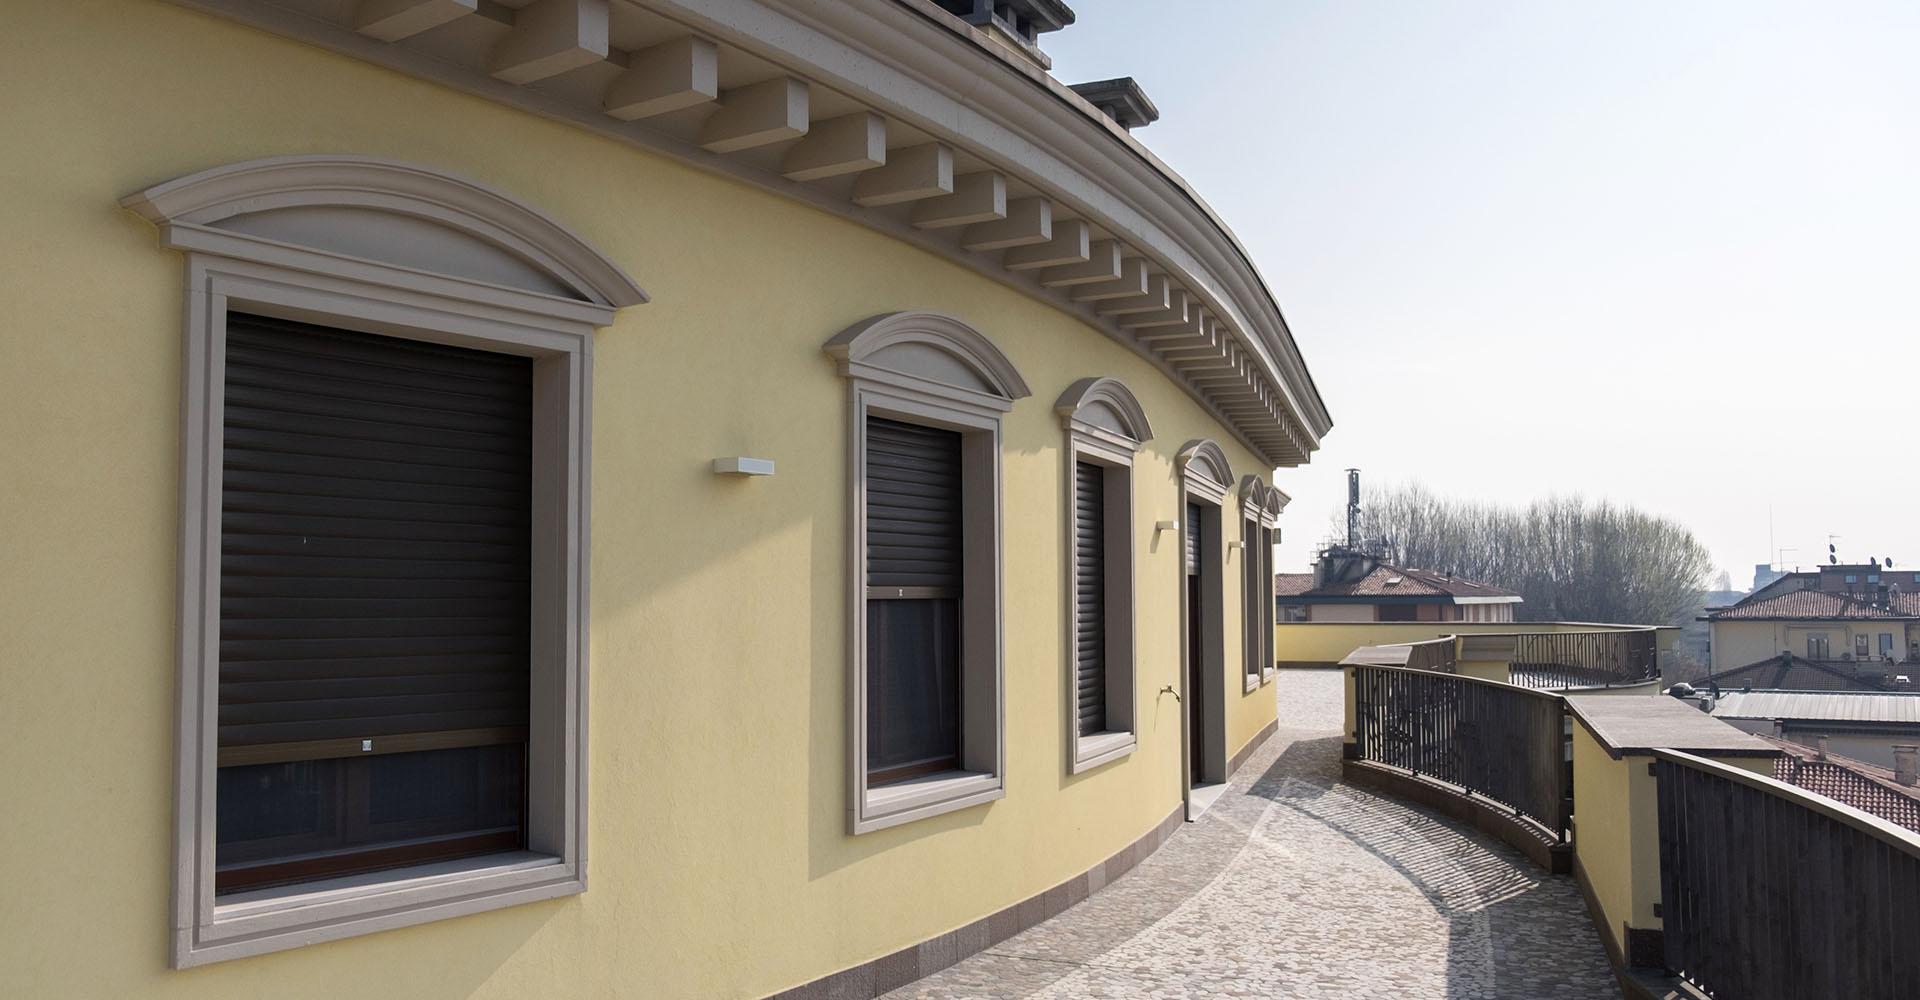 Ristrutturazione - Edilizia civile - Abitazione privata - Vicenza